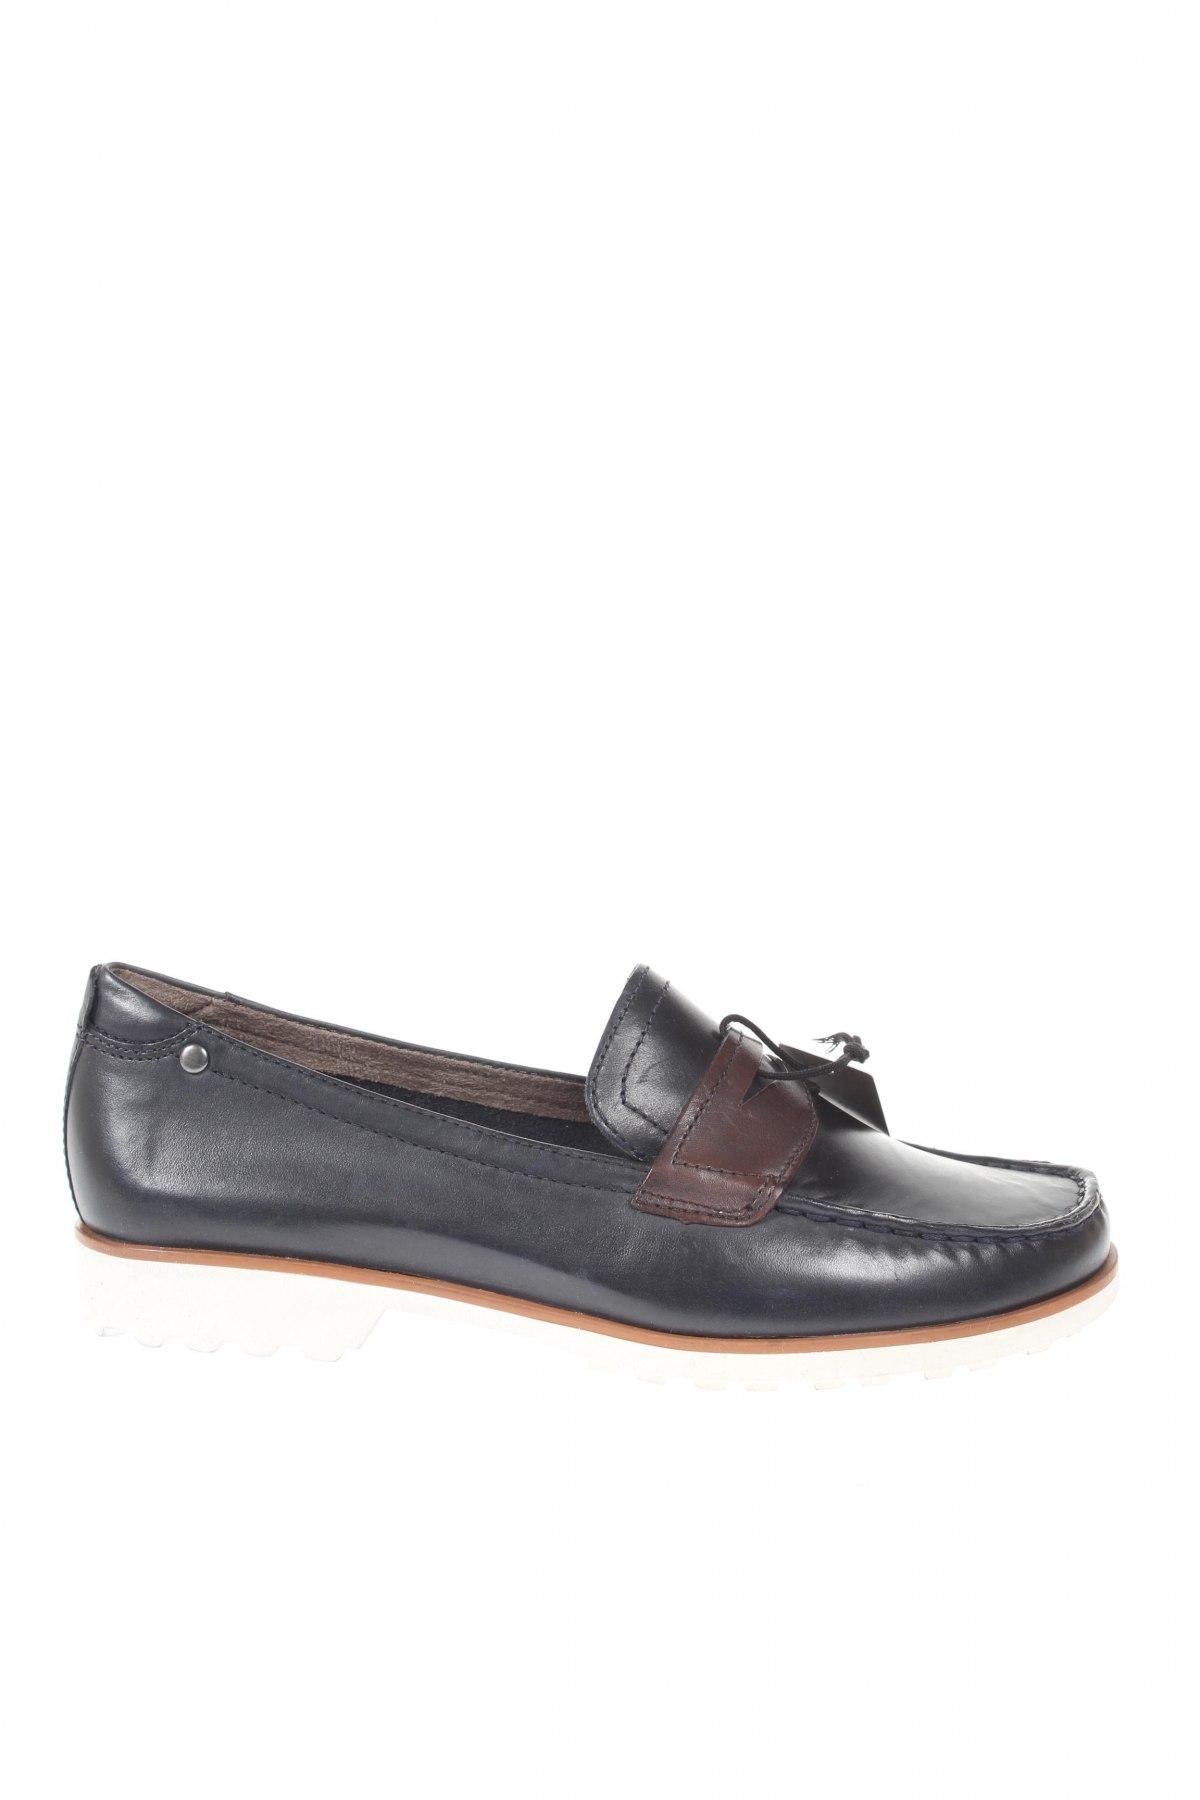 3407872ad8f6 Dámske topánky Jana - za výhodnú cenu na Remix -  103757599